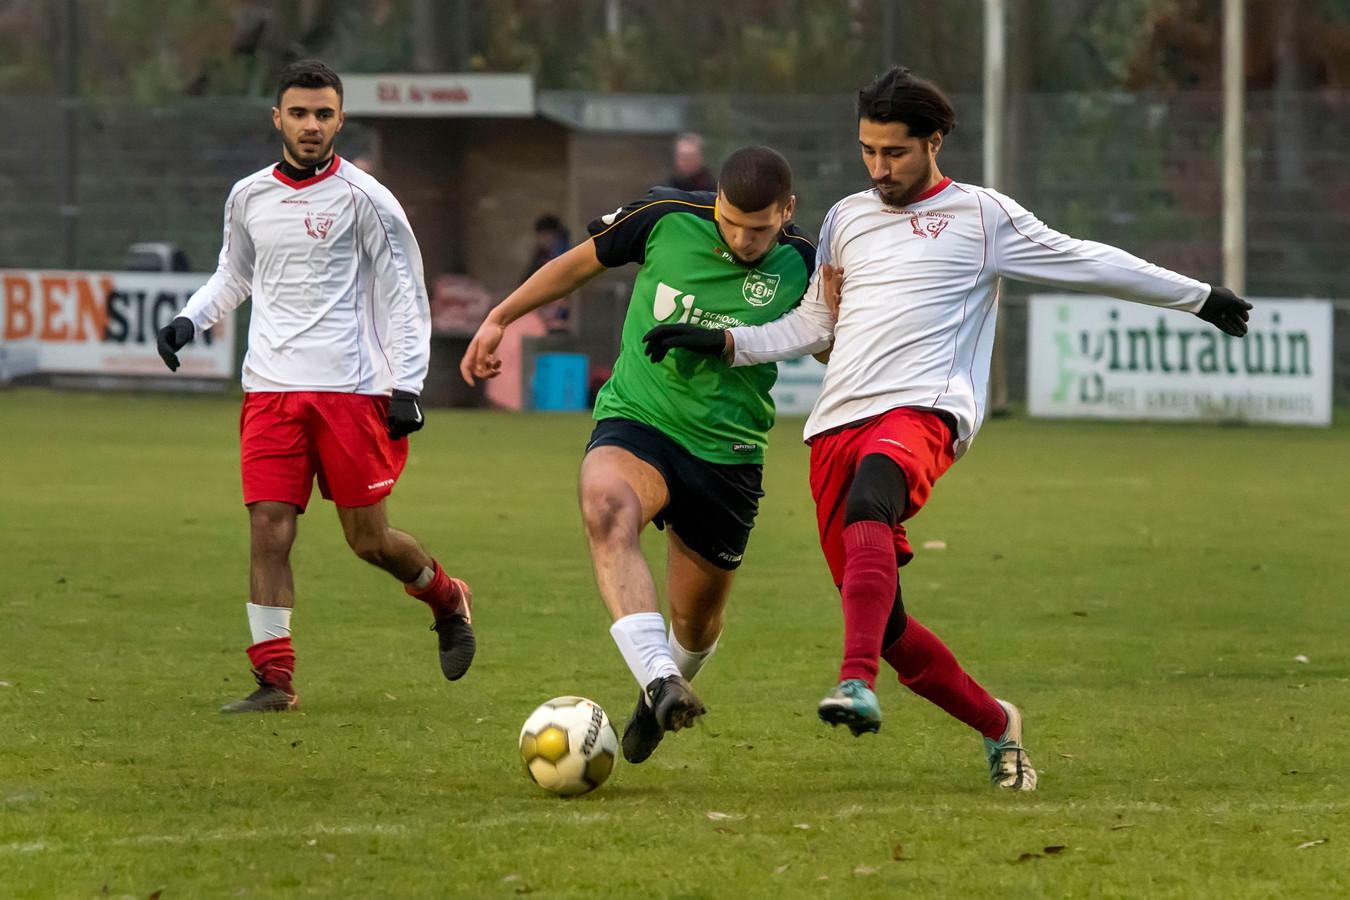 Het eerste team van Advendo (hier in de witte shirts, vorig seizoen tegen PCP) komt ook nu weer uit in de 5e klasse.